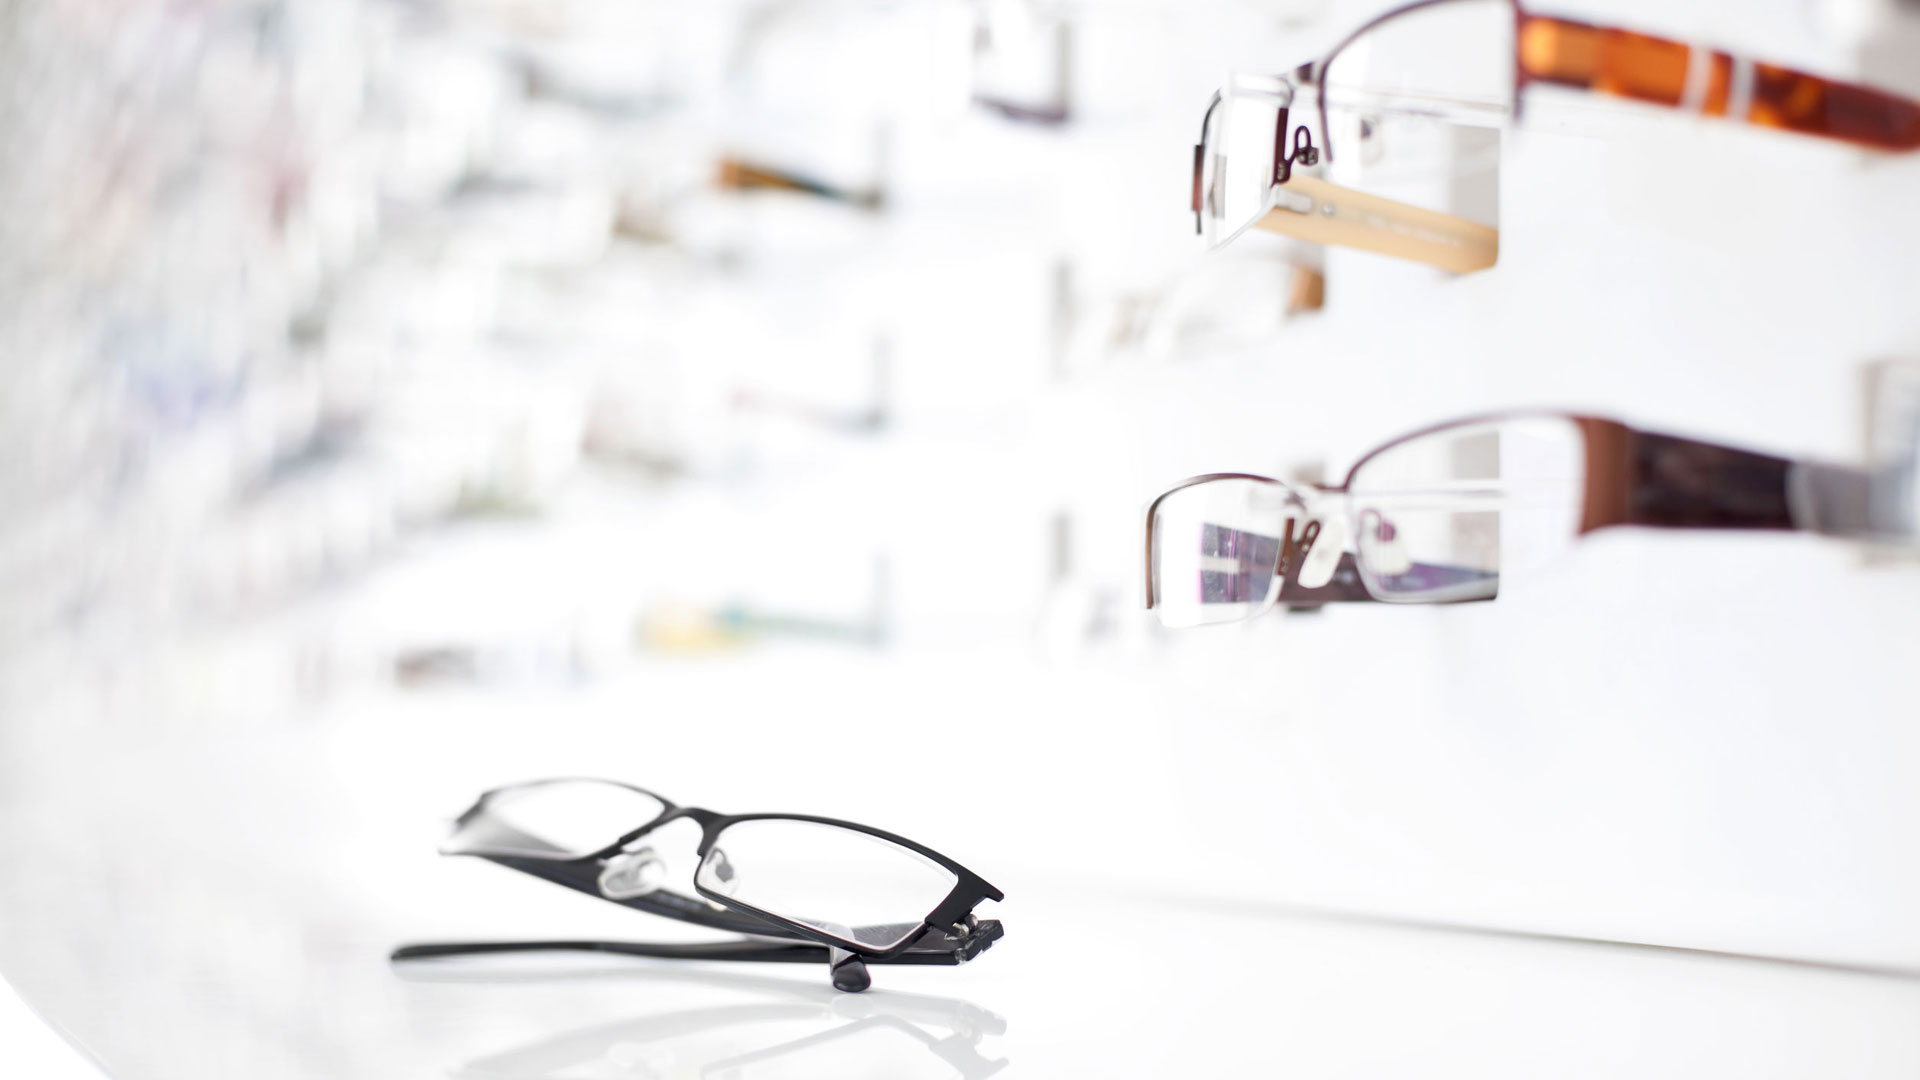 Kuinka pahasti optikkoliikkeet sahaavat meitä linssiin? Alan konkarilta kova väite: Silmälasien hinta jopa nelikymmenkertaistuu matkalla kauppaan